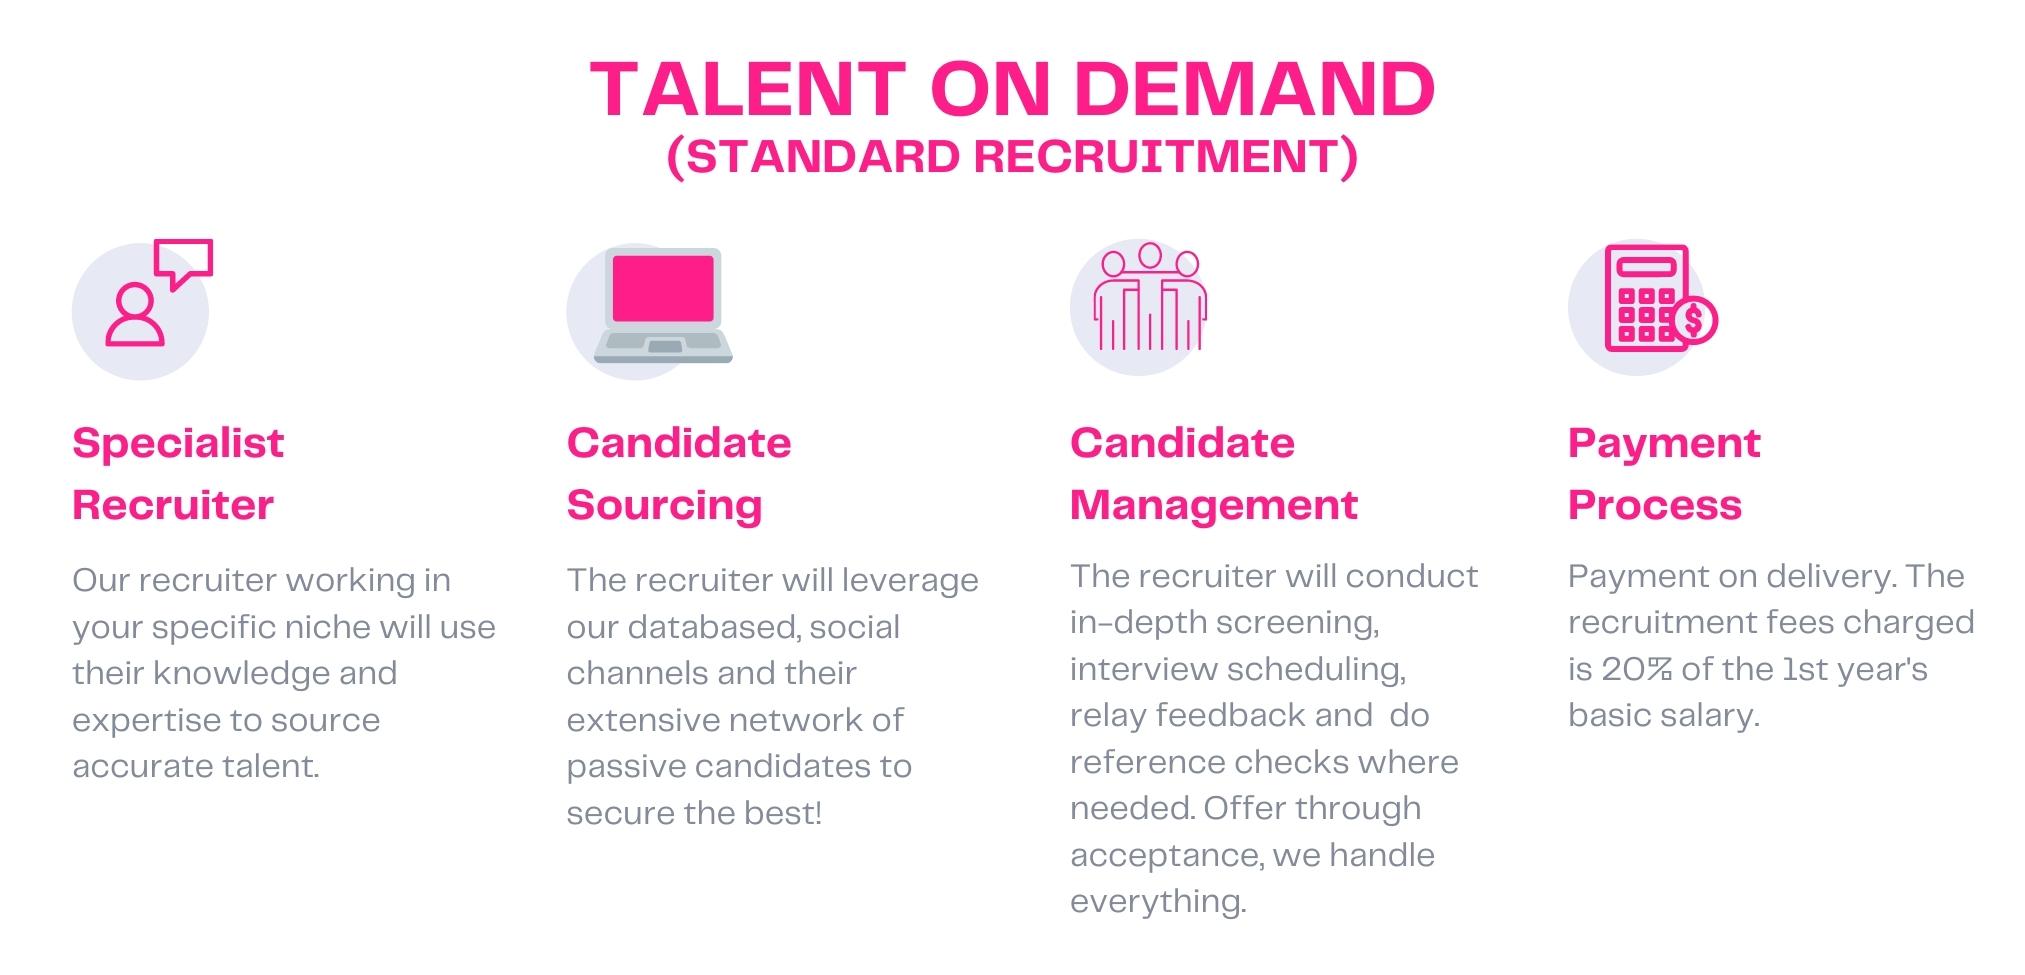 talent on demand standard recruitment